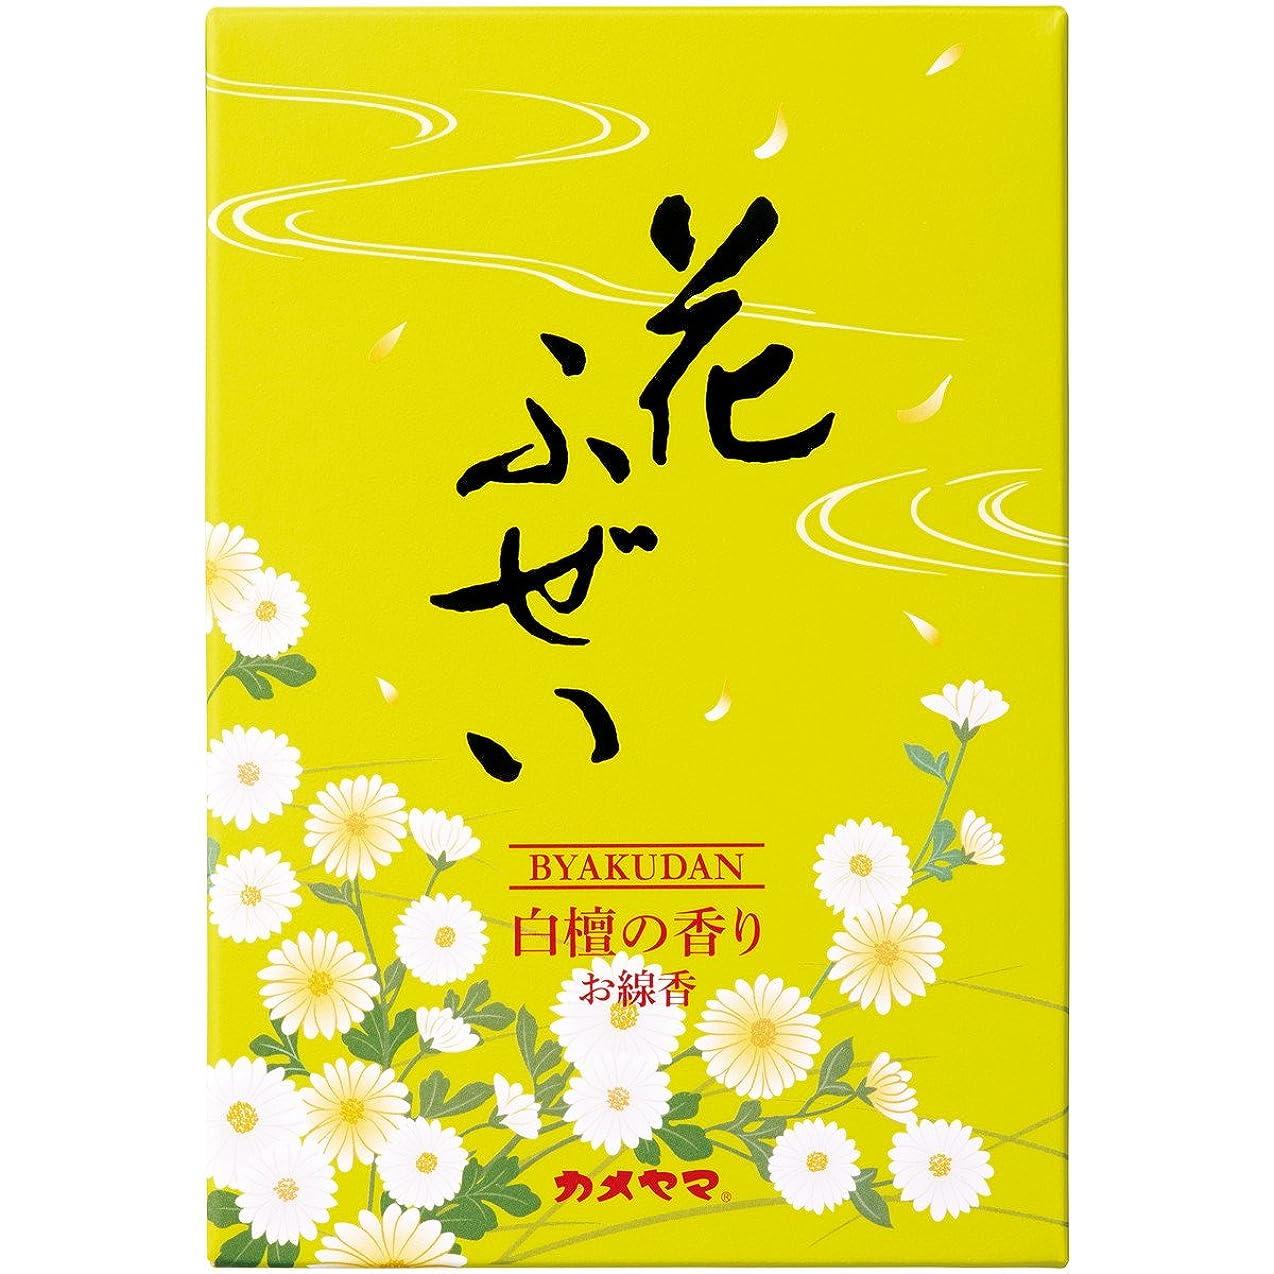 振る舞い好きバルブカメヤマ 花ふぜい(黄)白檀 徳用大型